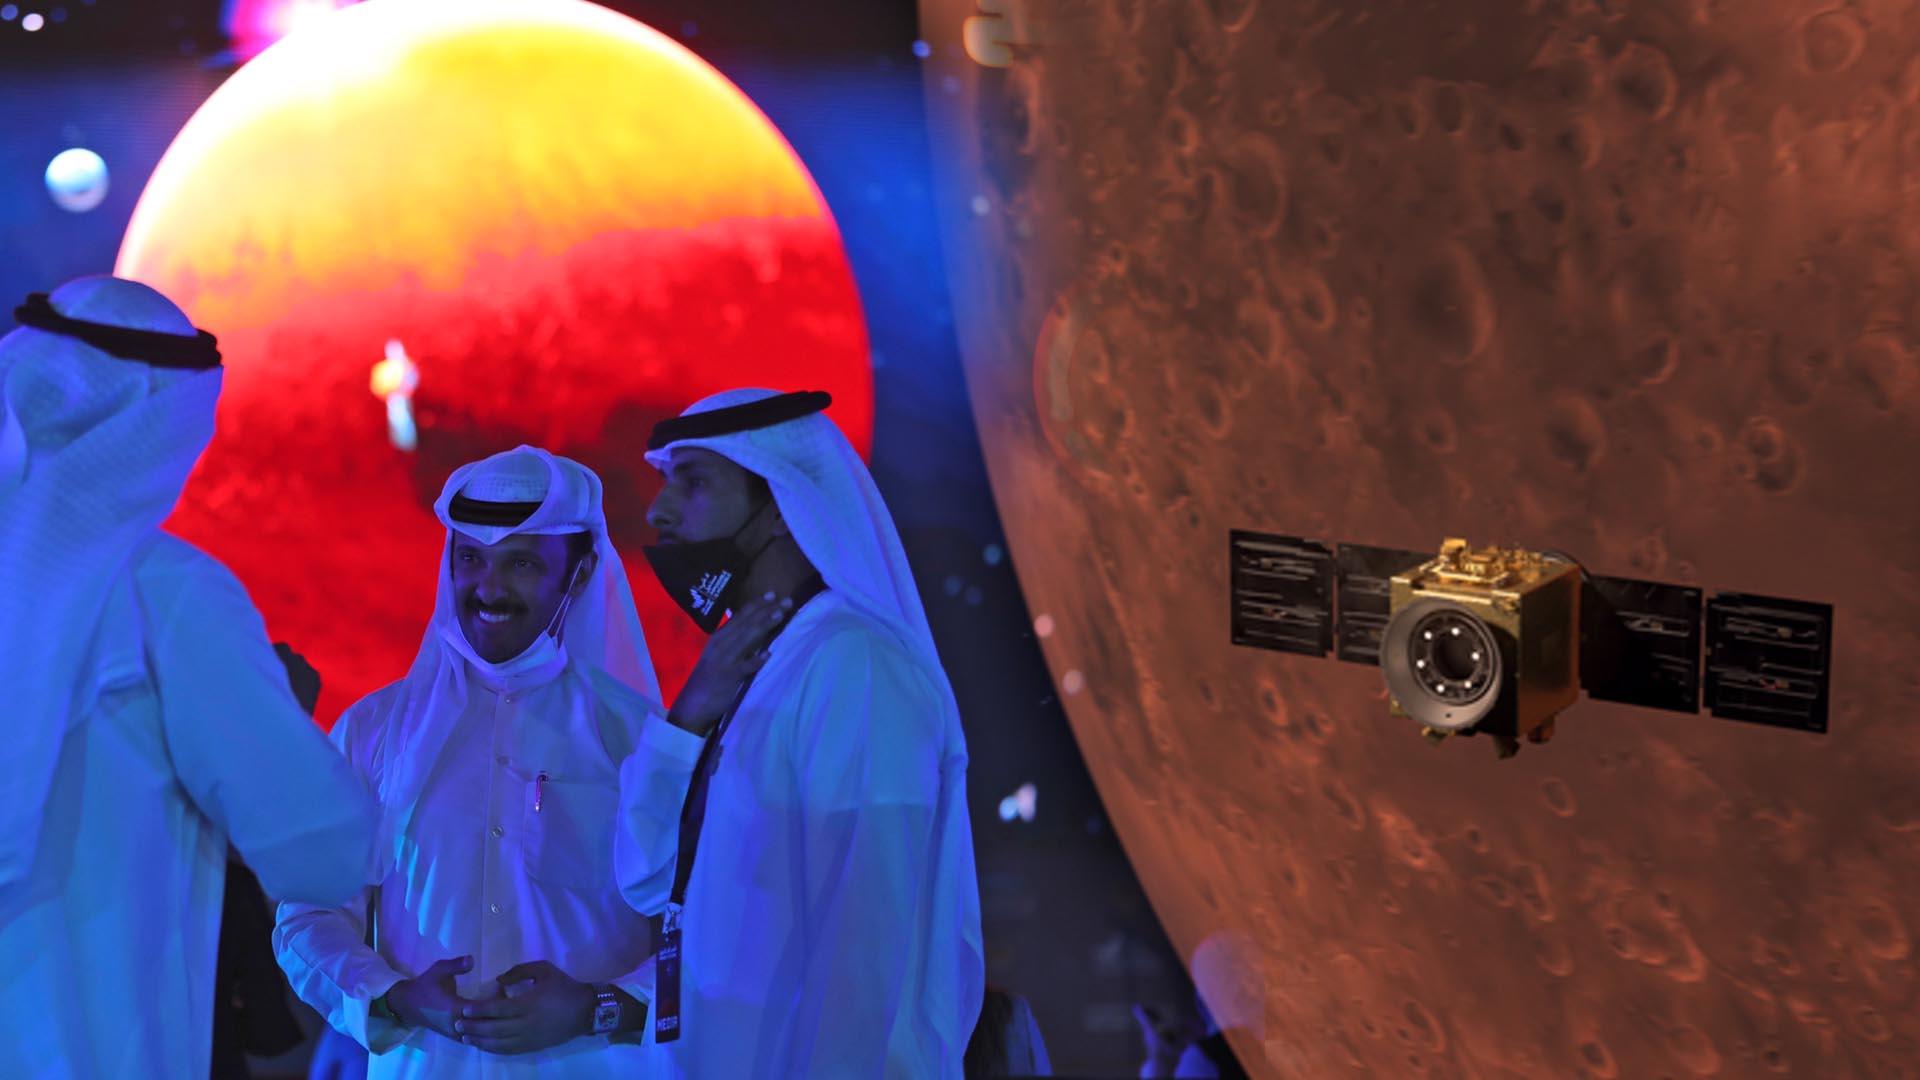 화성 탐사 경쟁 … UAE 탐사선이 아랍 궤도에 첫 진입